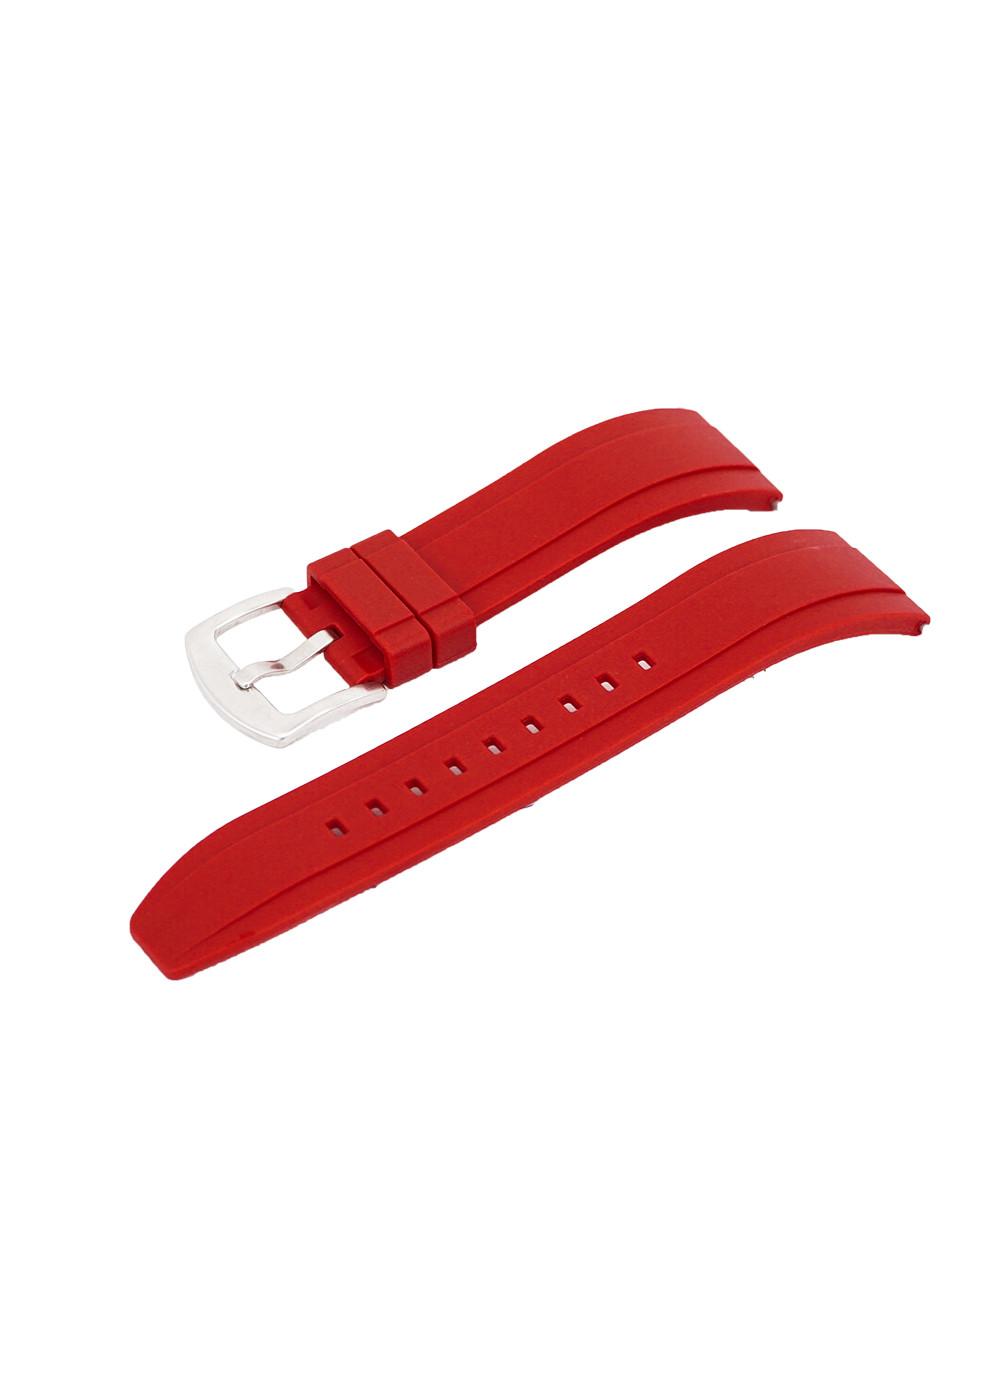 Dây đồng hồ chốt thông minh cao su cho đồng hồ thể thao sport, smart watch Galaxy Watch, Watch GT, Watch GT2, Forerunner 235, Forerunner 945, Fenix 5